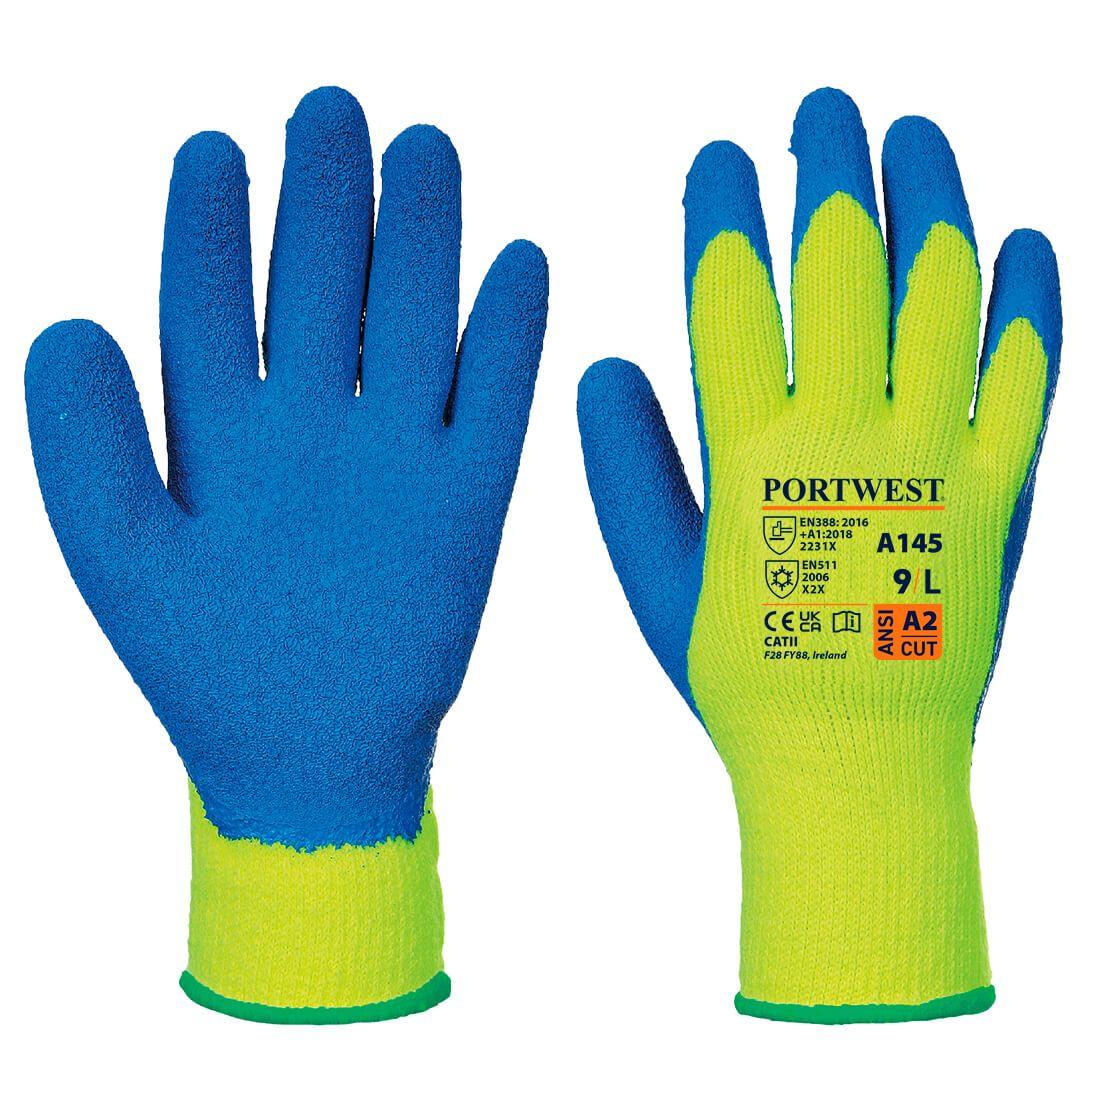 Portwest Handschoenen A145 geel-blauw(Y4)